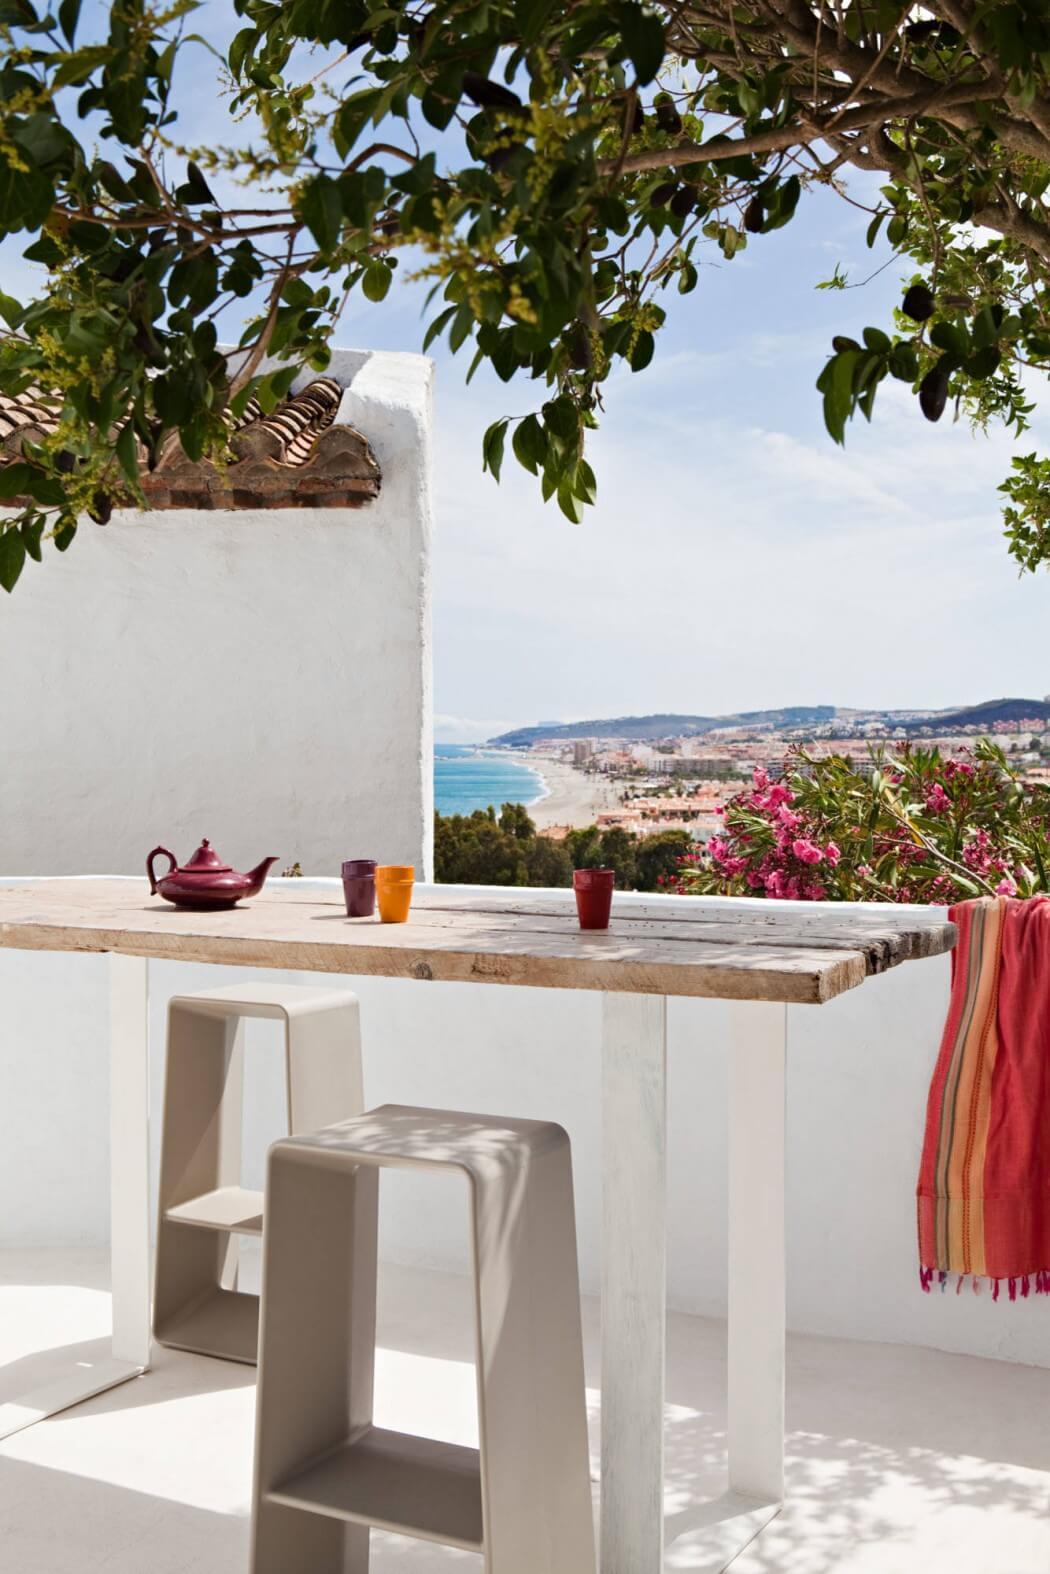 17 2 - Villa Mandarina: Paraíso blanco en Casares (Costa del Sol) lleno de encanto, luz y mar